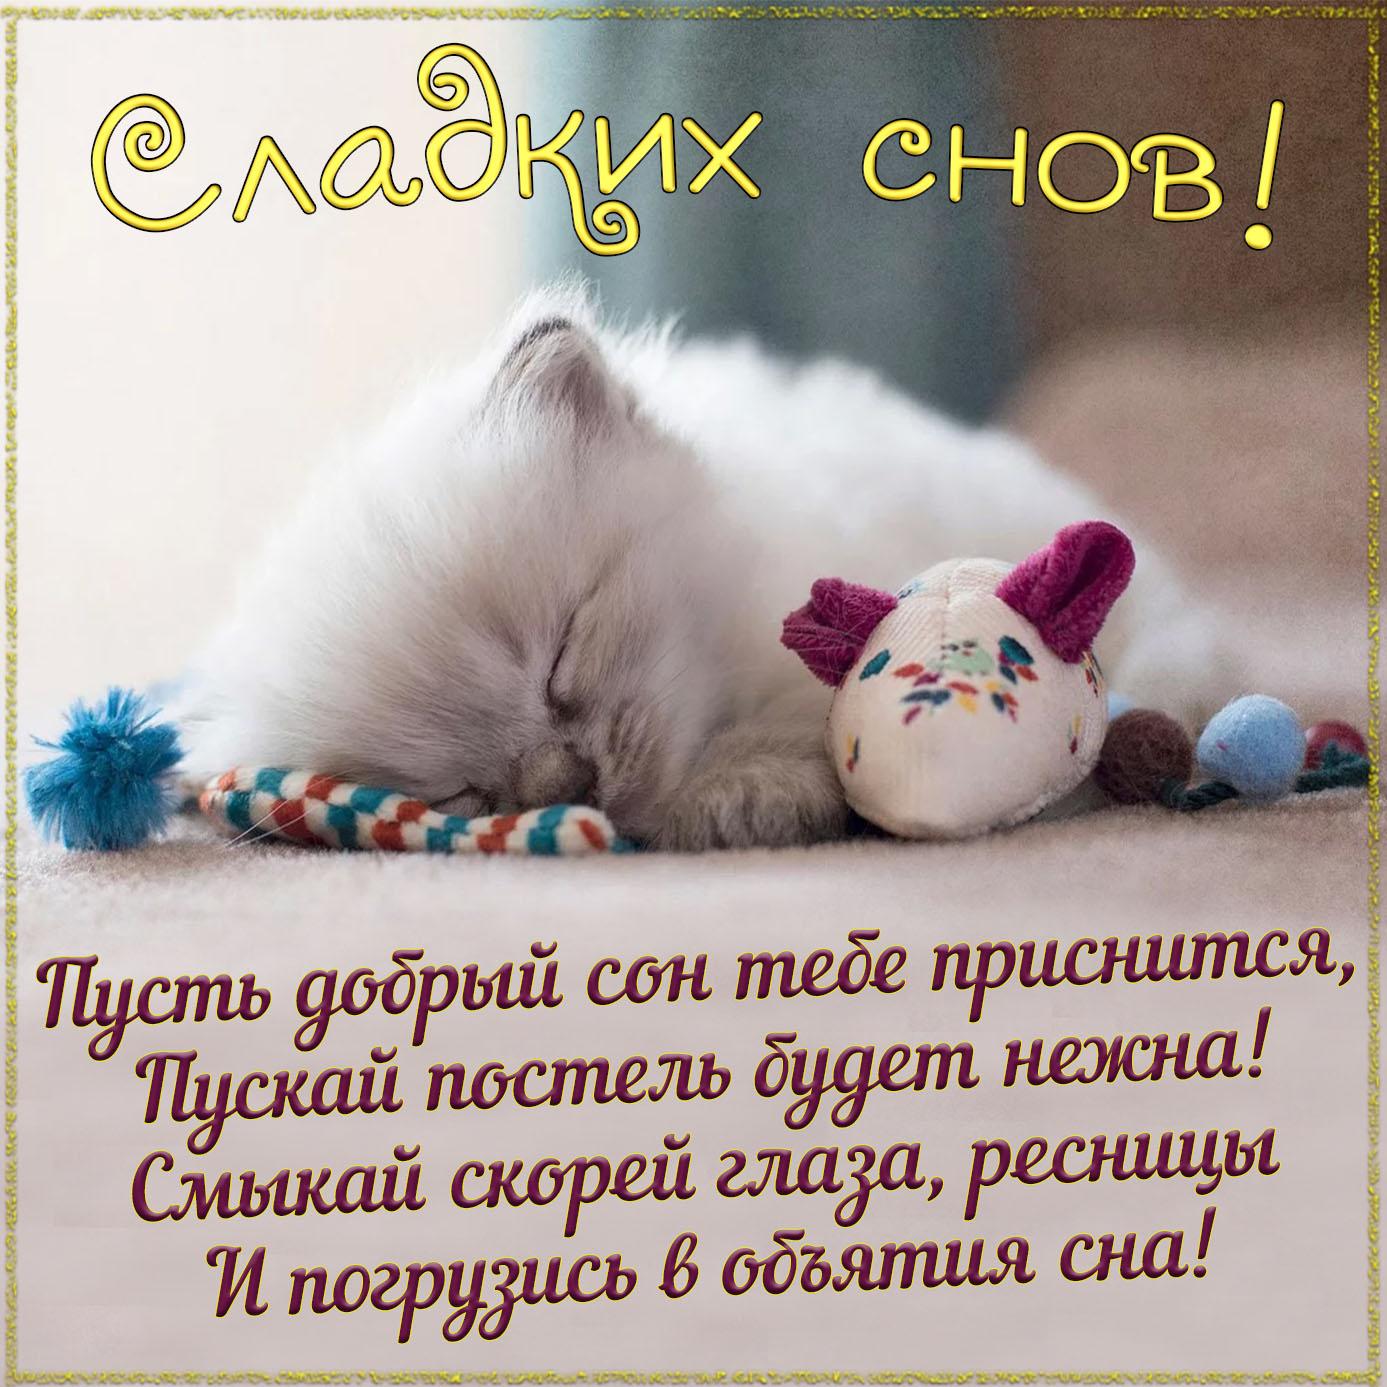 Открытка с котёнком и пожеланием сладких снов